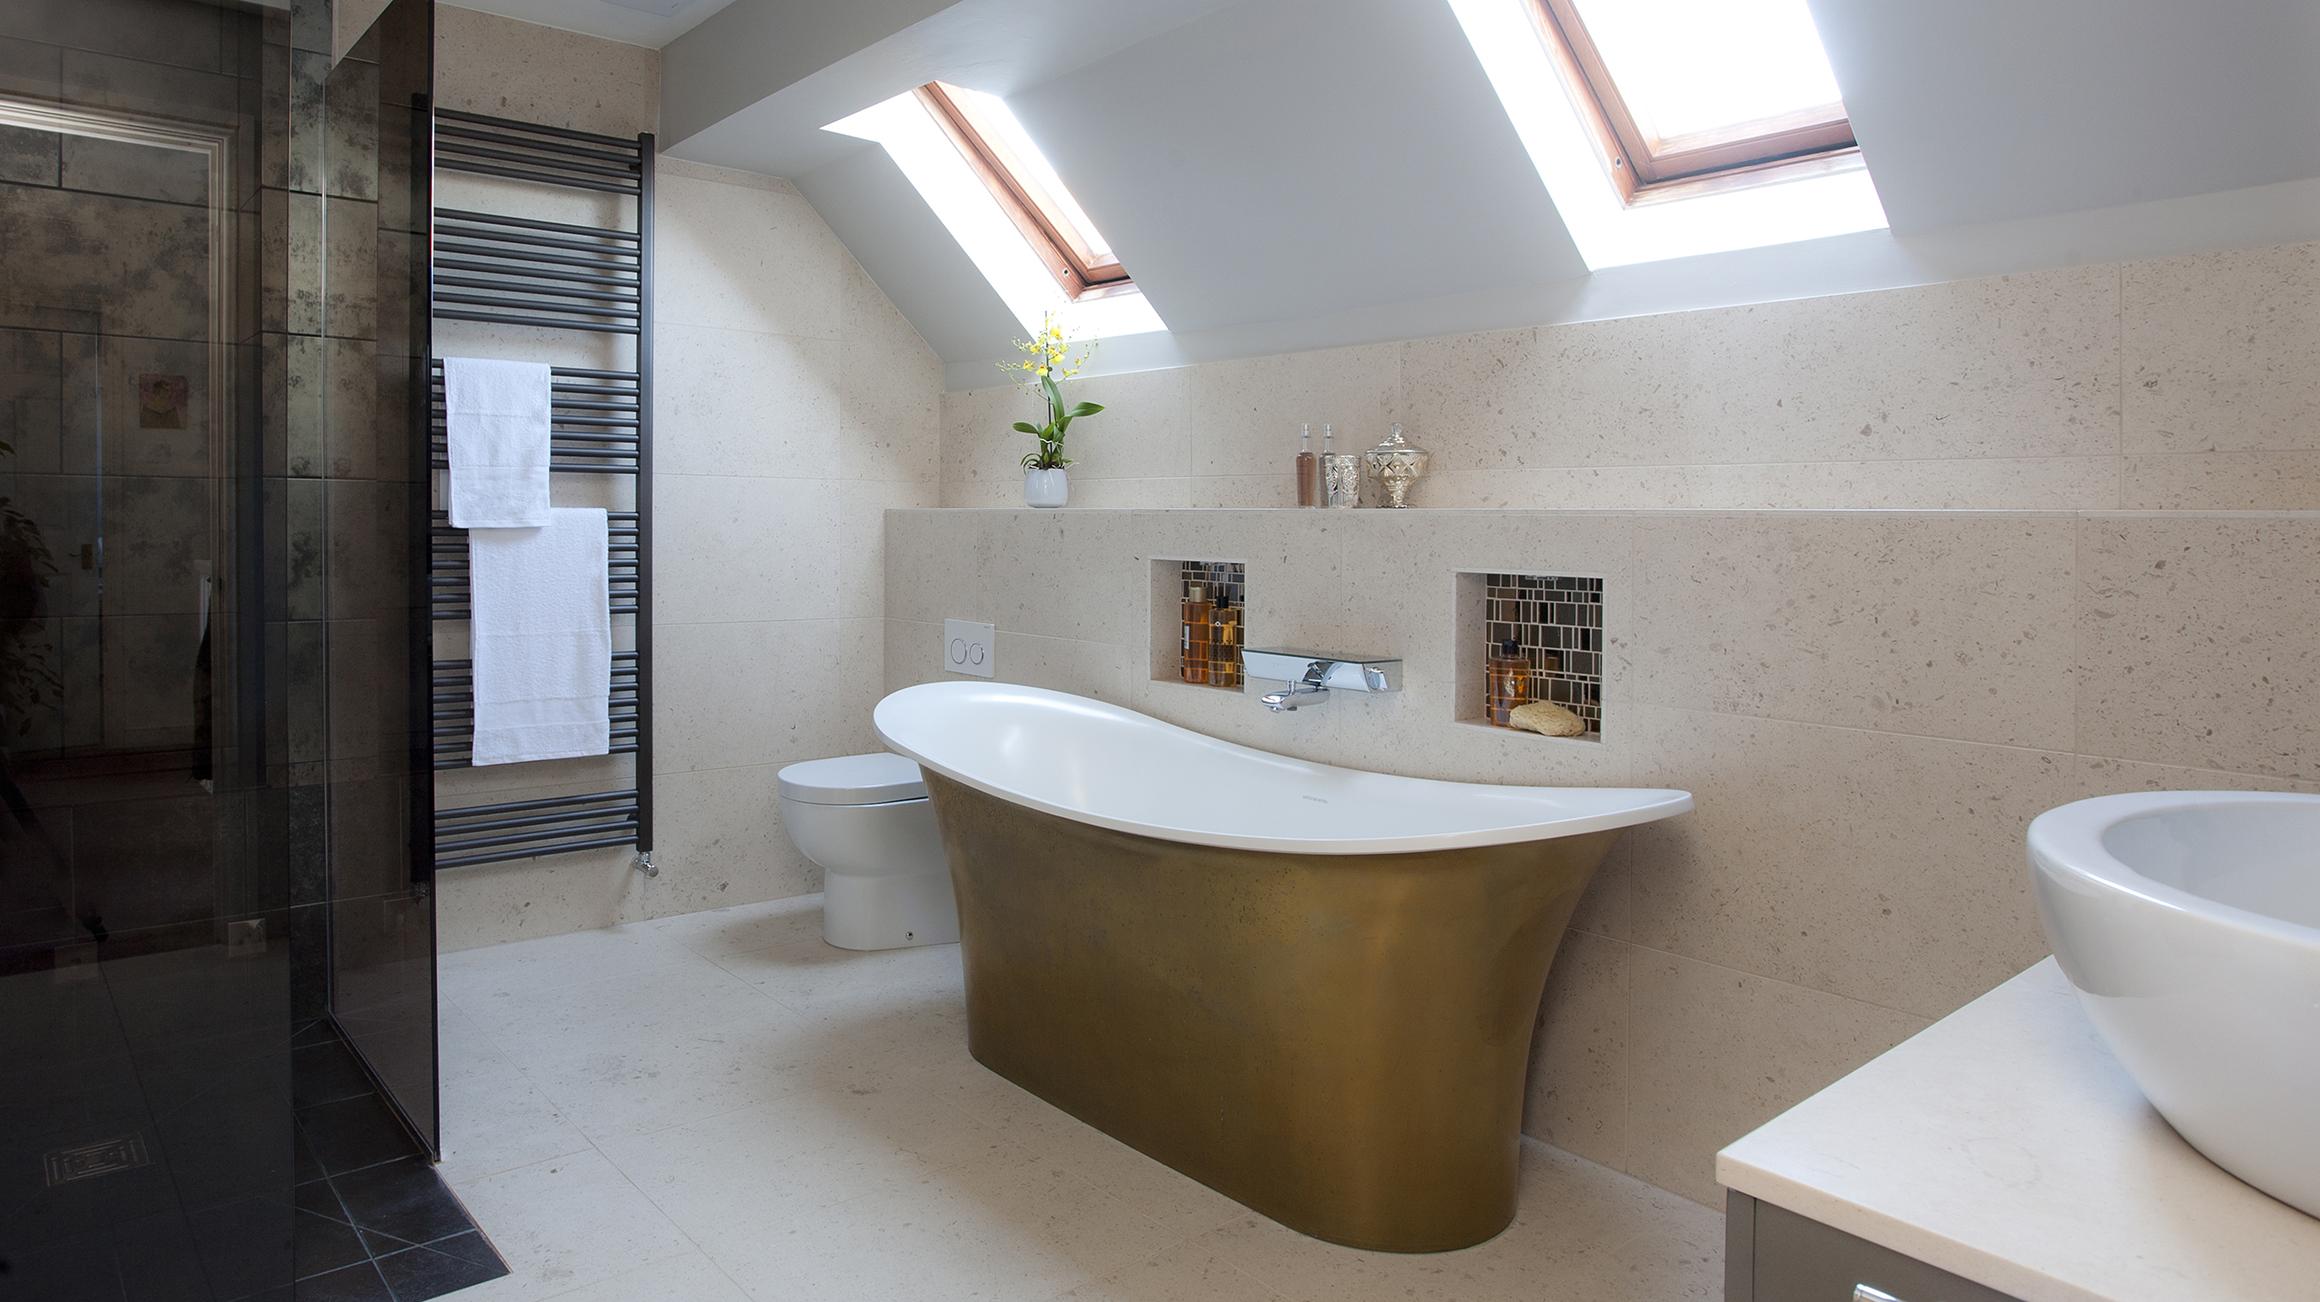 Image unique bathroom Bathroom Ideas Fancy Dream Bathroom With Bronze Bathtub Facebook Unique Dream Bathroom In Natural Tones Hansgrohe Usa